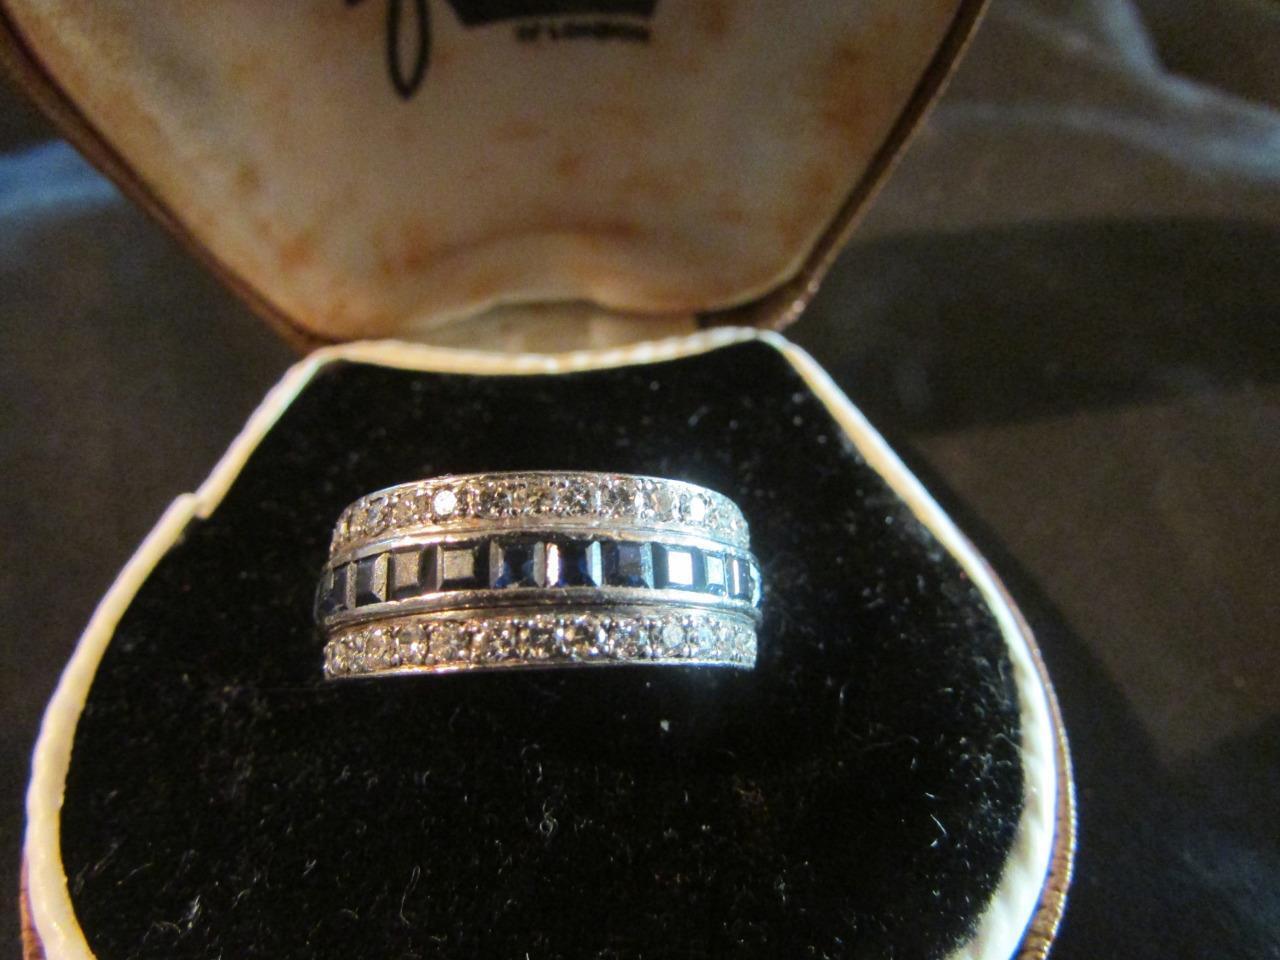 Exquisite Art Deco Qualità Robusto Platino Zaffiro & Diamante Diamante Diamante Anello Night & Day 506142